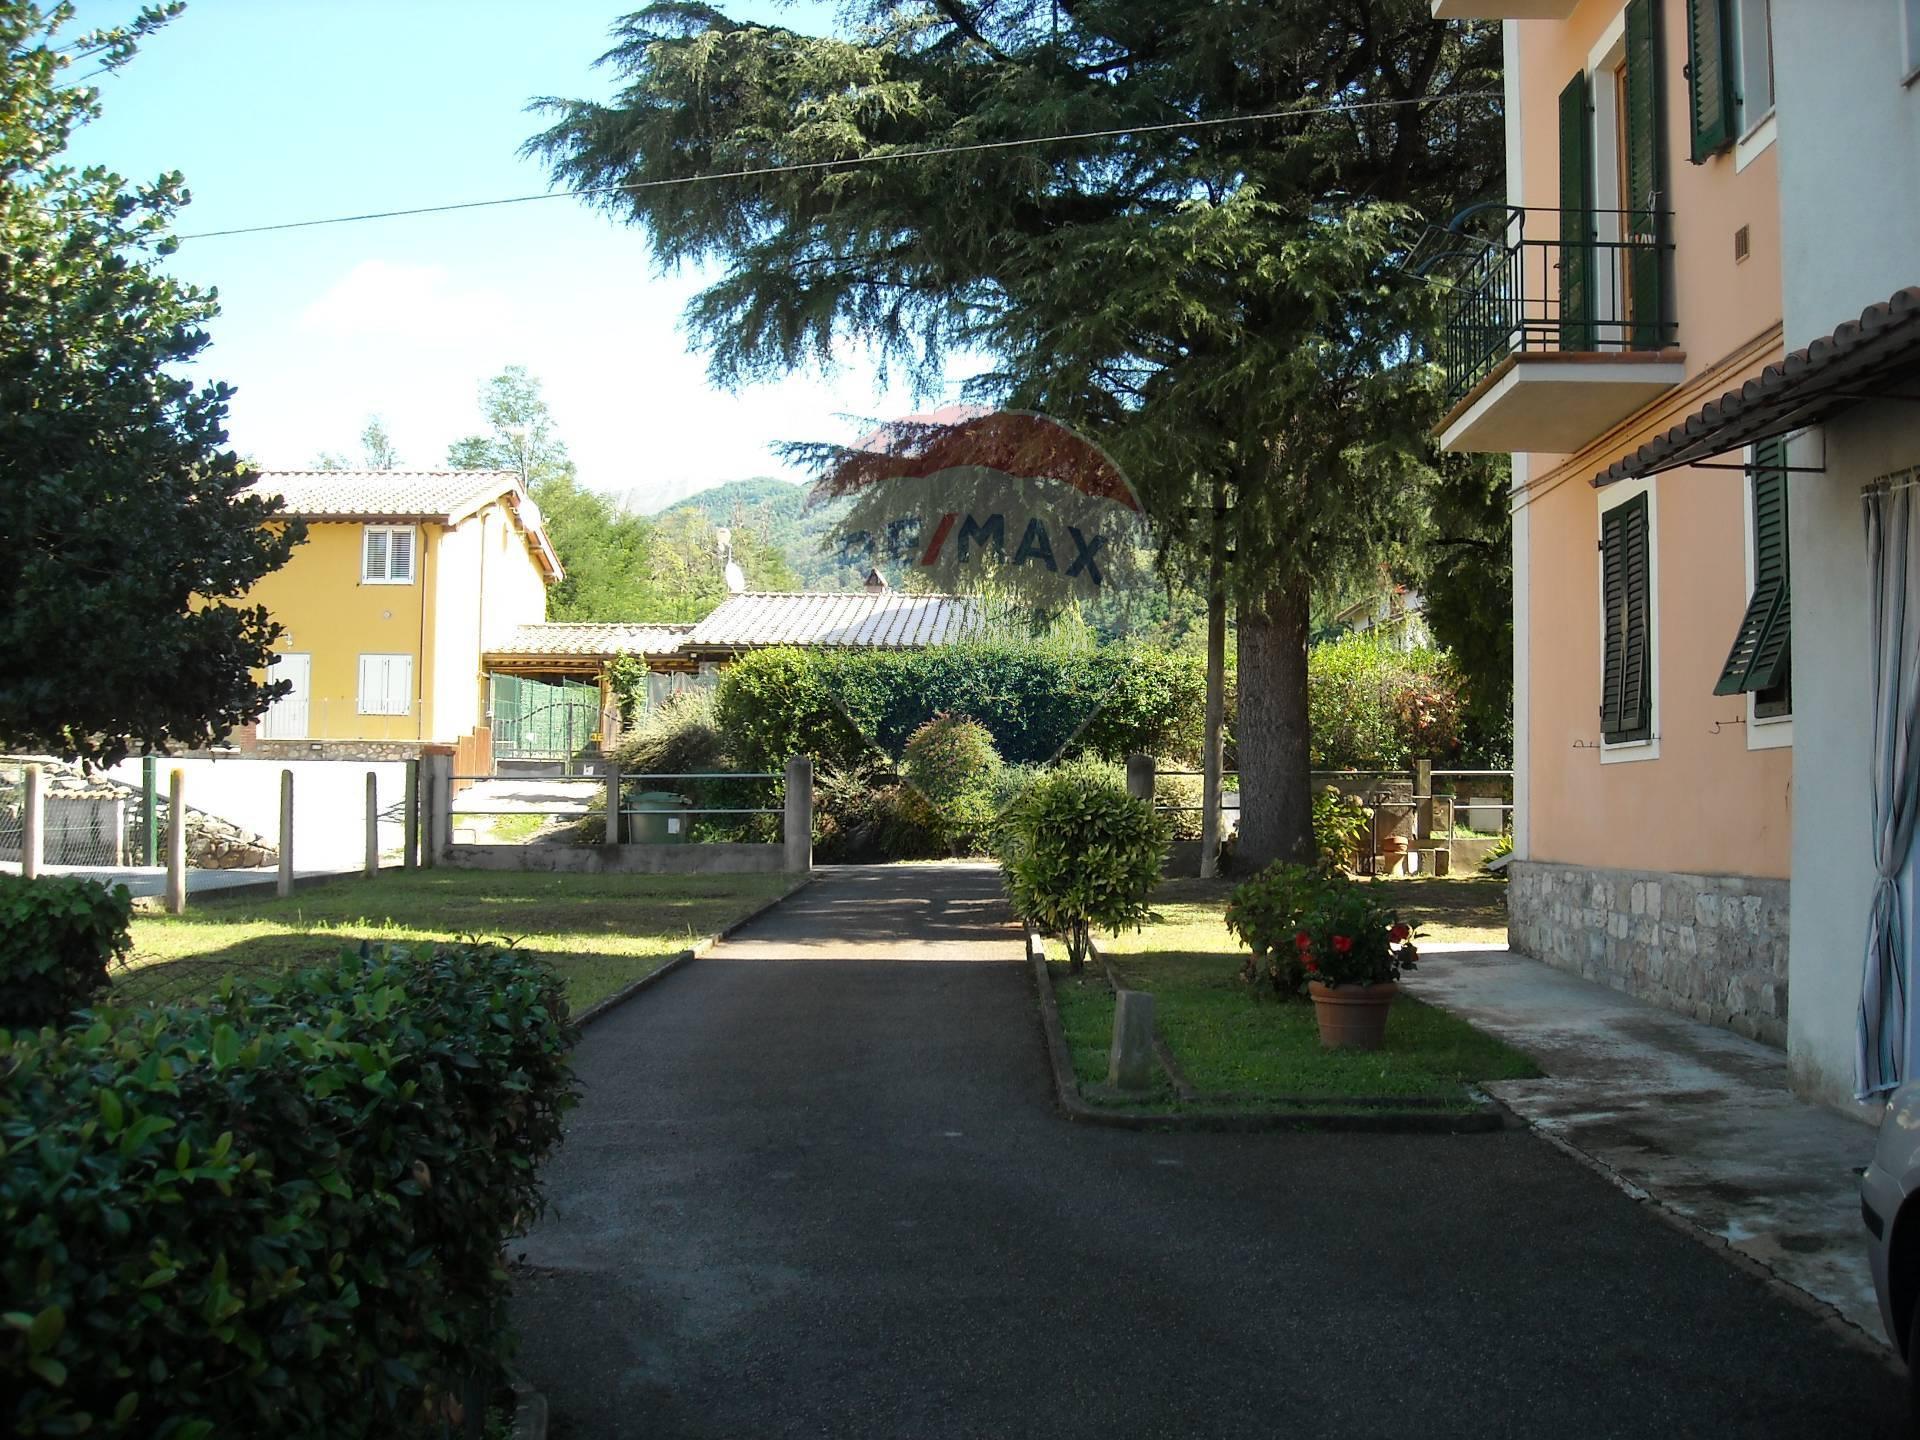 Appartamento in vendita a Barga, 6 locali, prezzo € 95.000 | CambioCasa.it